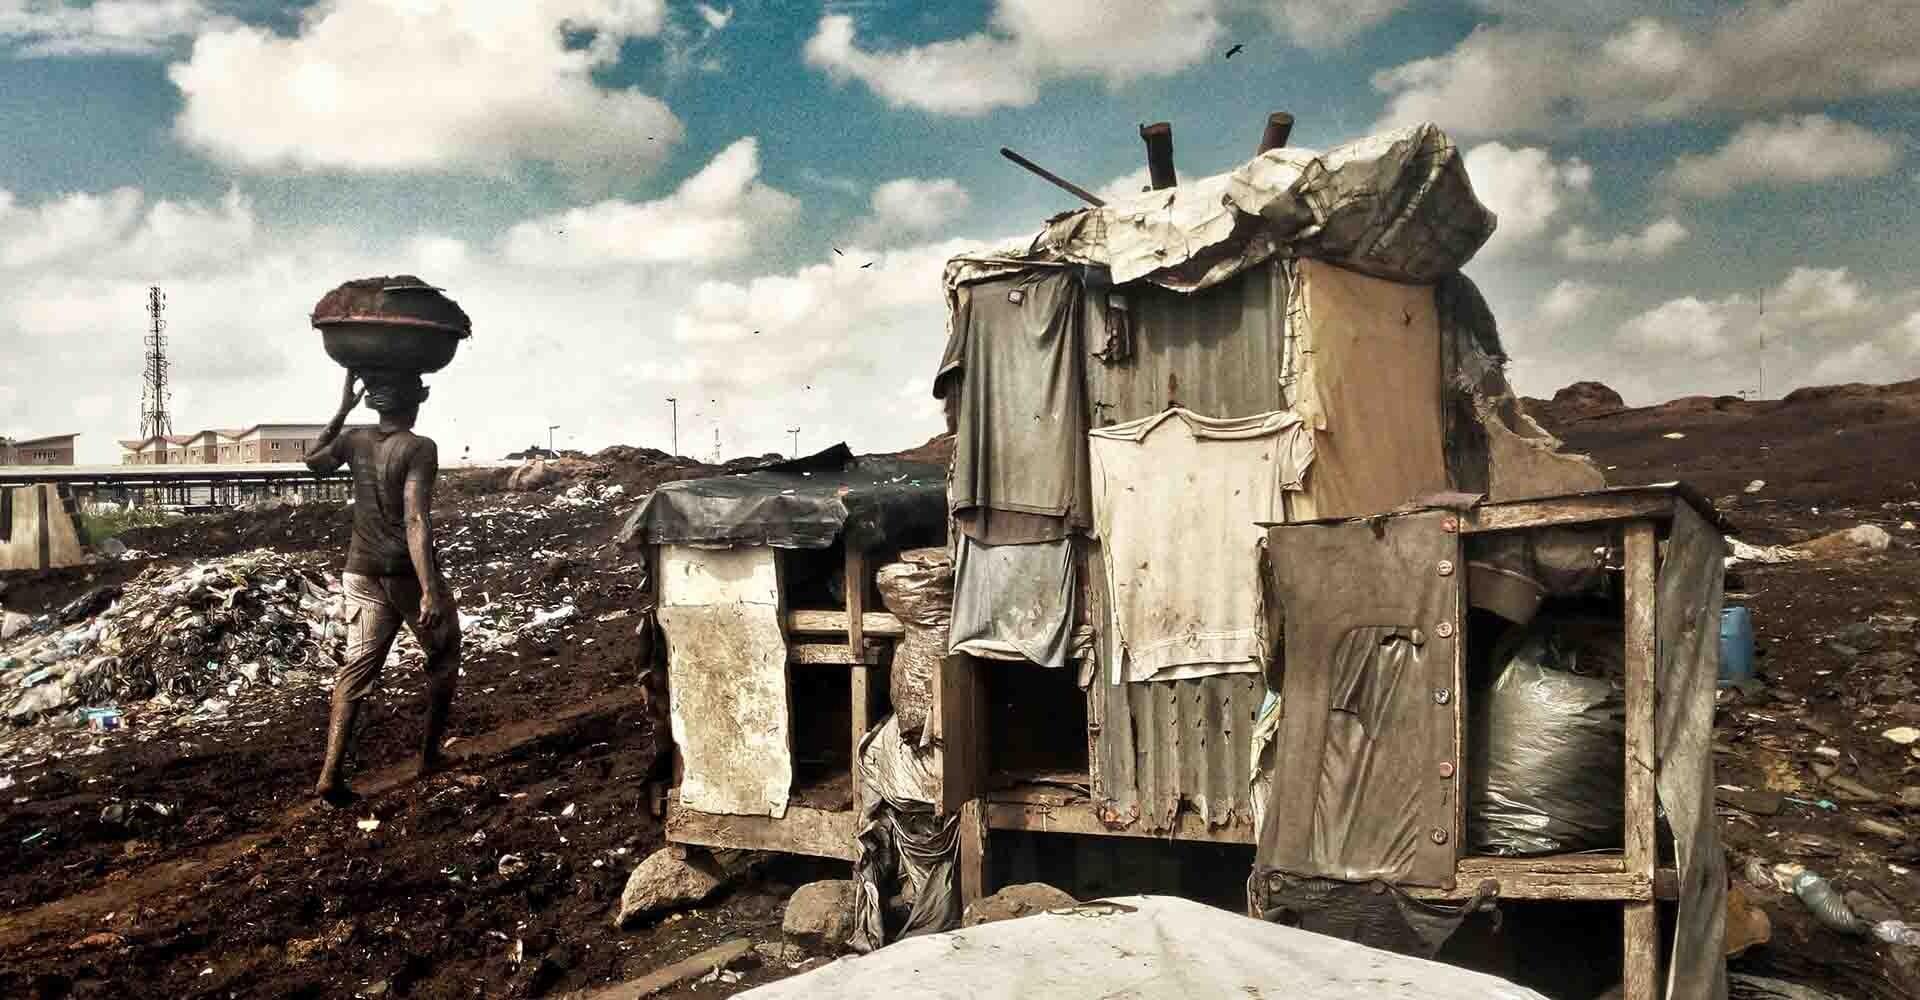 Un hombre carga peso en su cabeza en Lagos, Nigeria.